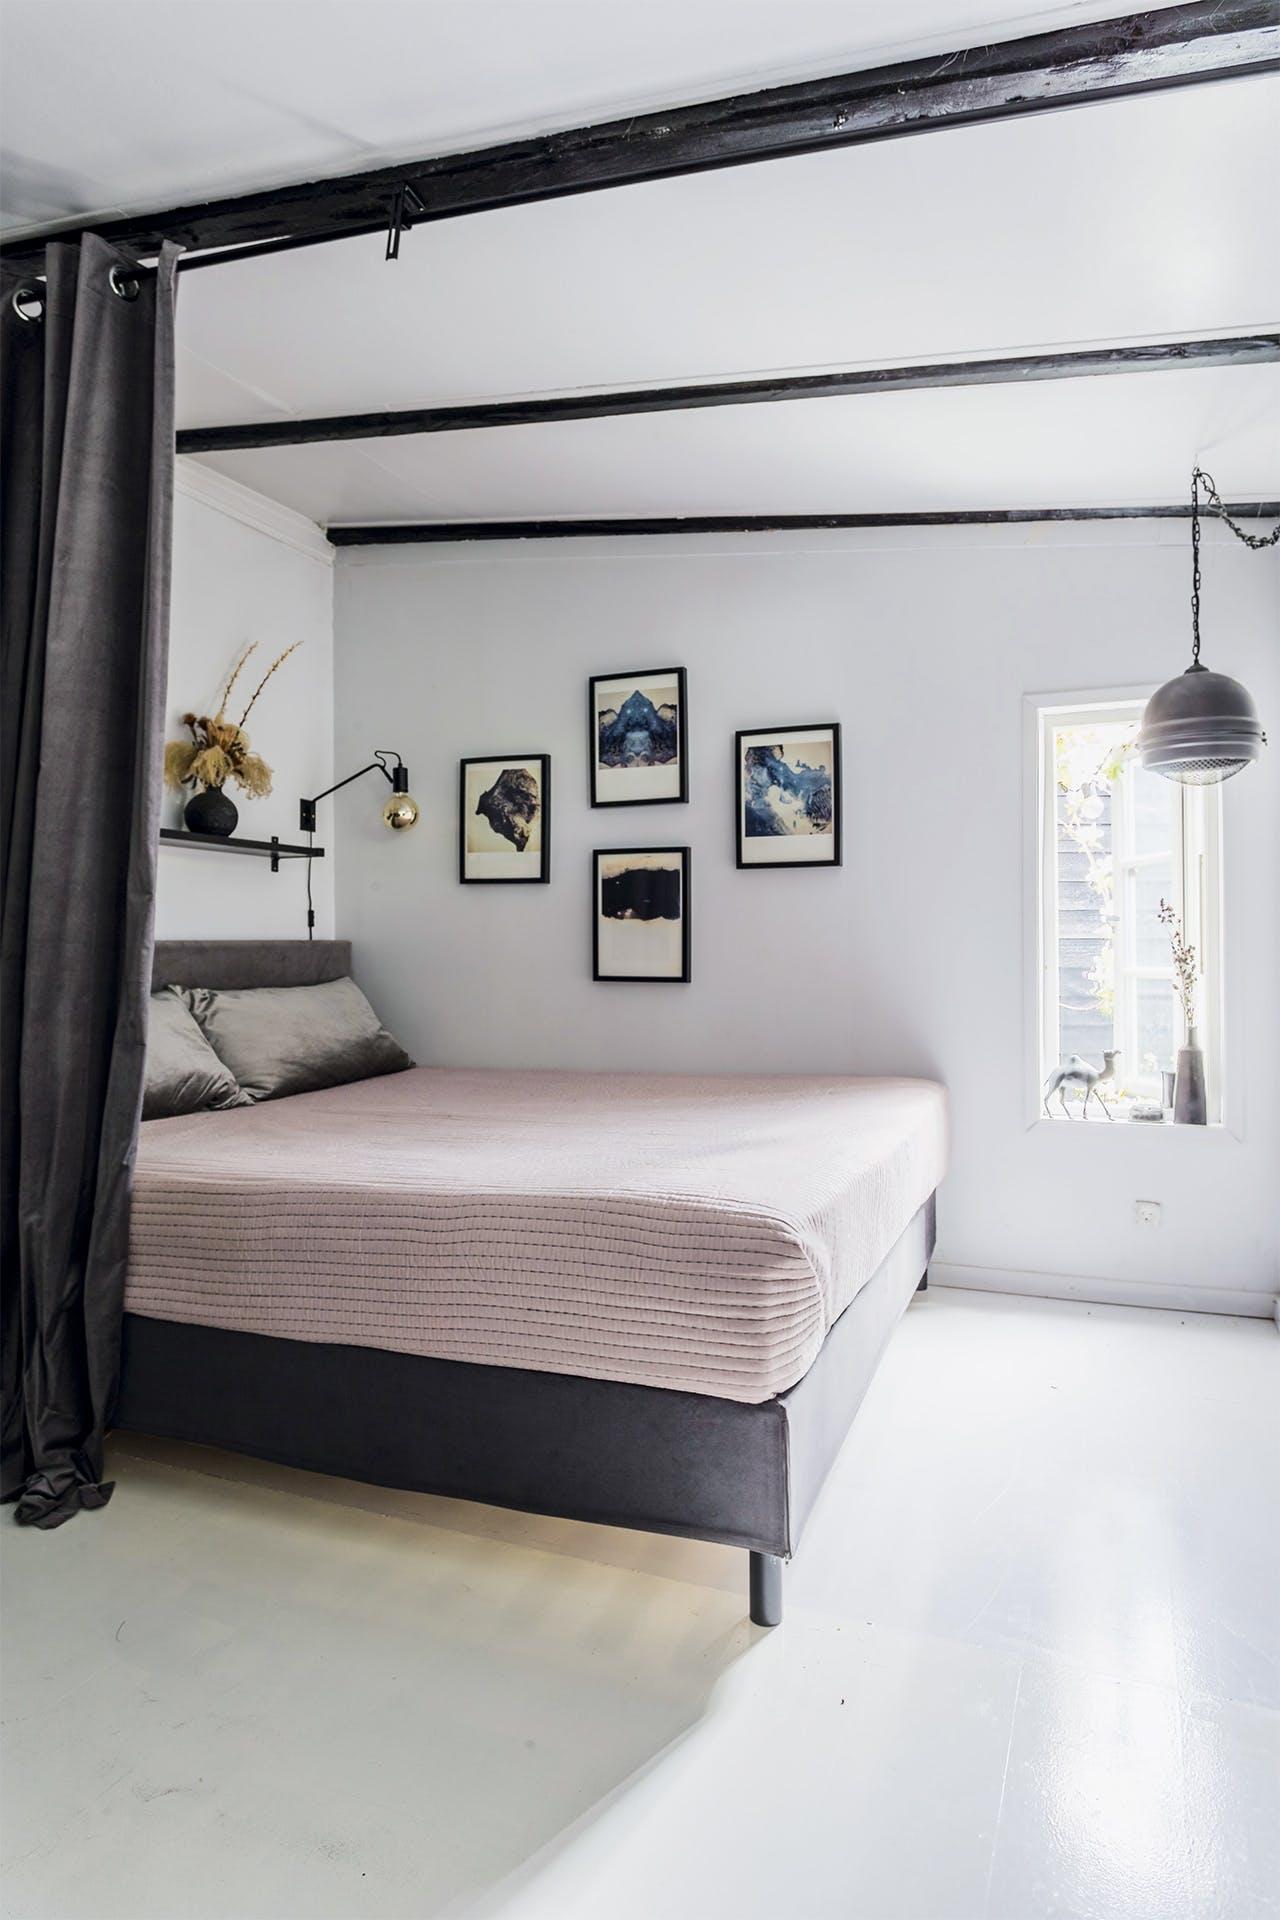 lejlighed villa indretning amager soveværelse seng